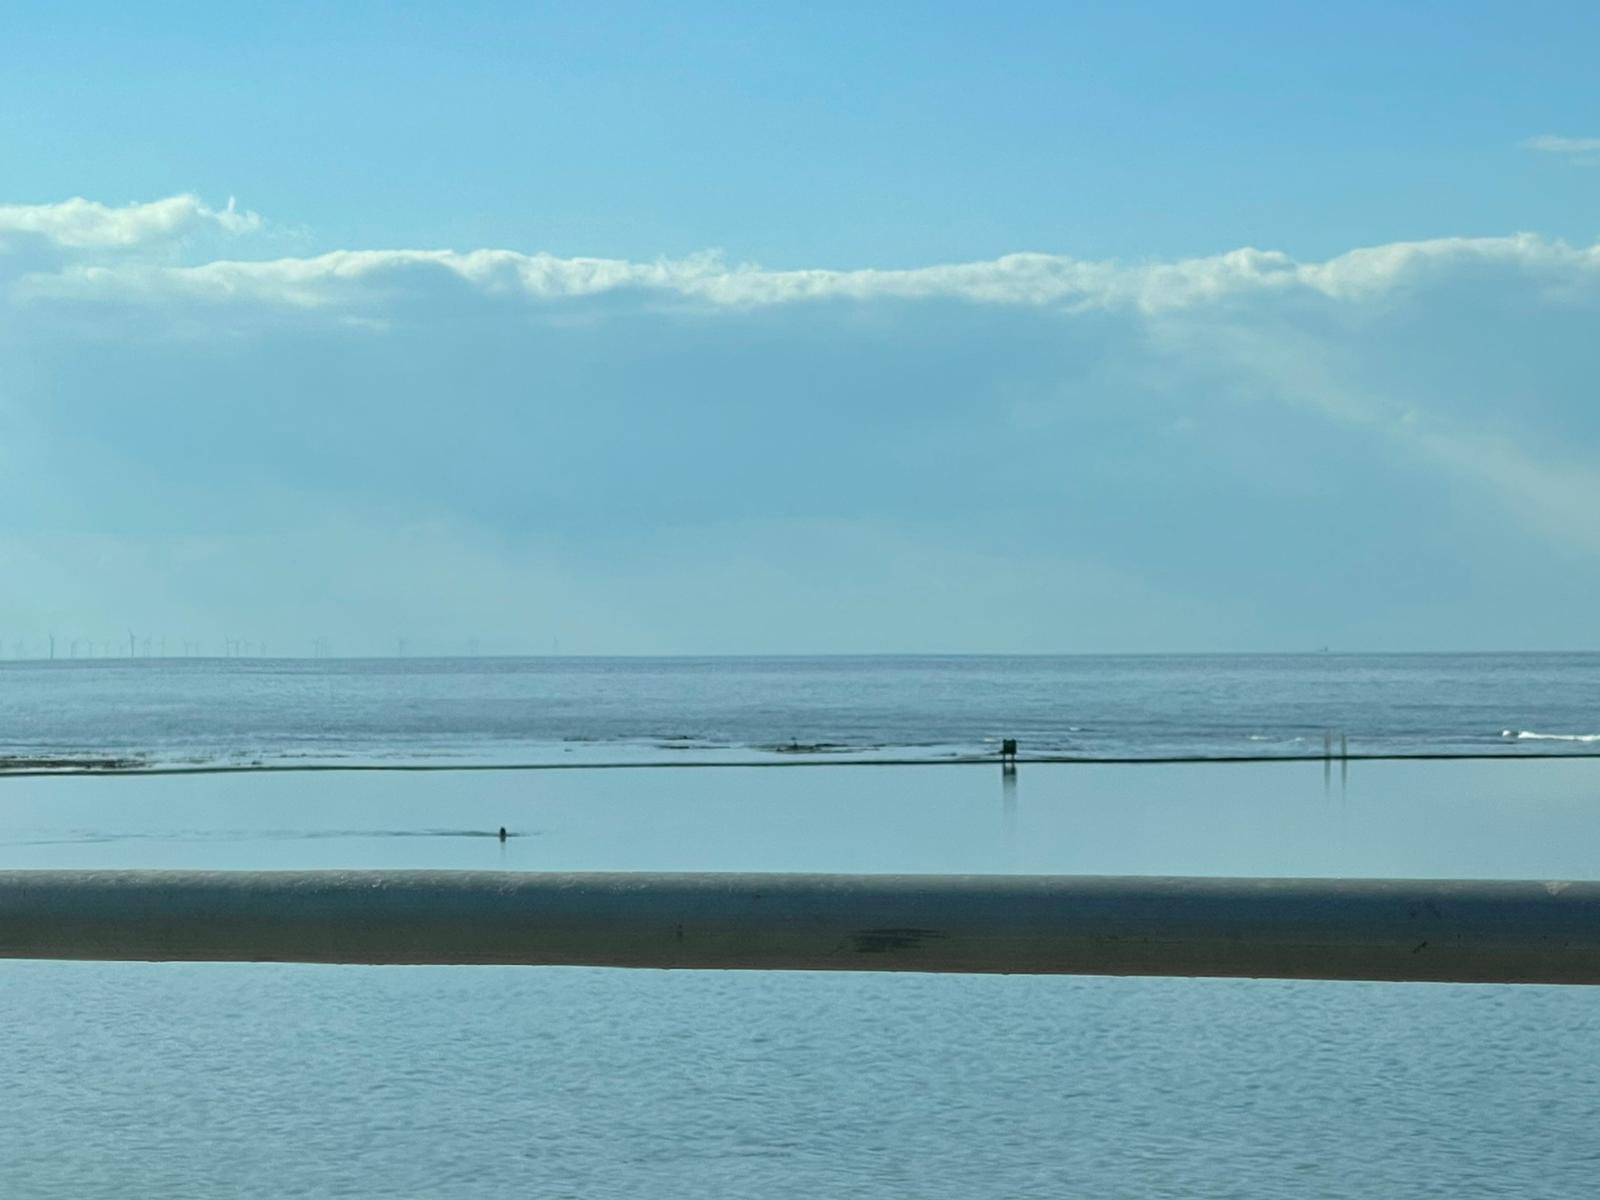 Swimming in the sea in the UK-5a52ee42-bfe2-44f2-994d-459c0bf8bc96-jpeg